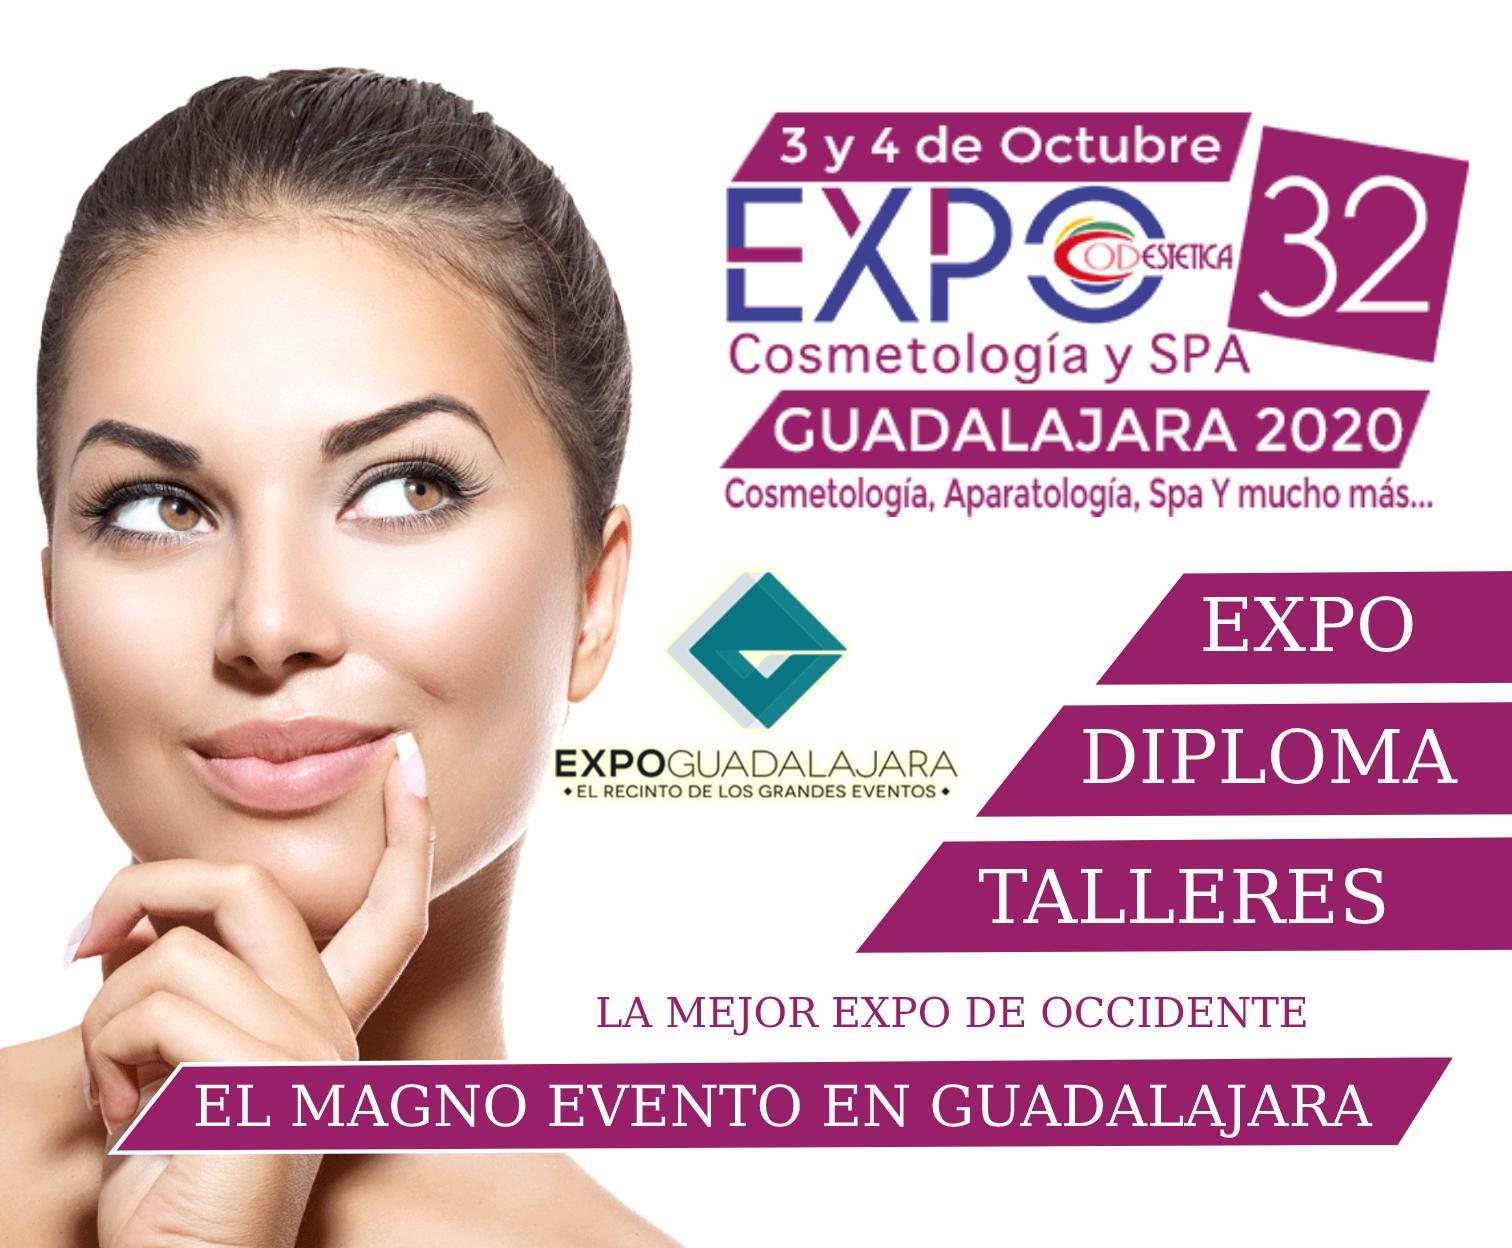 32 EXPO CODESTETICA GDL